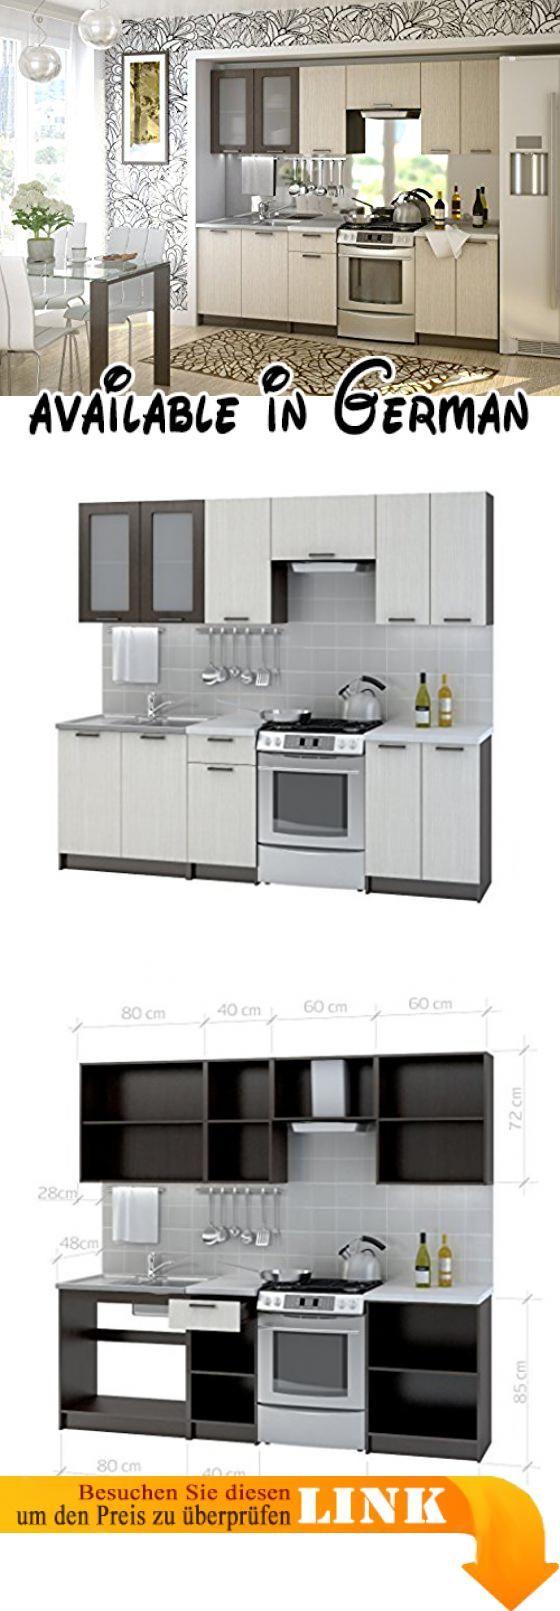 Fabelhaft Einbauküche Angebot Sammlung Von Top-angebote!!! KÜche Riviera 240 Cm KÜchenzeile EinbaukÜche